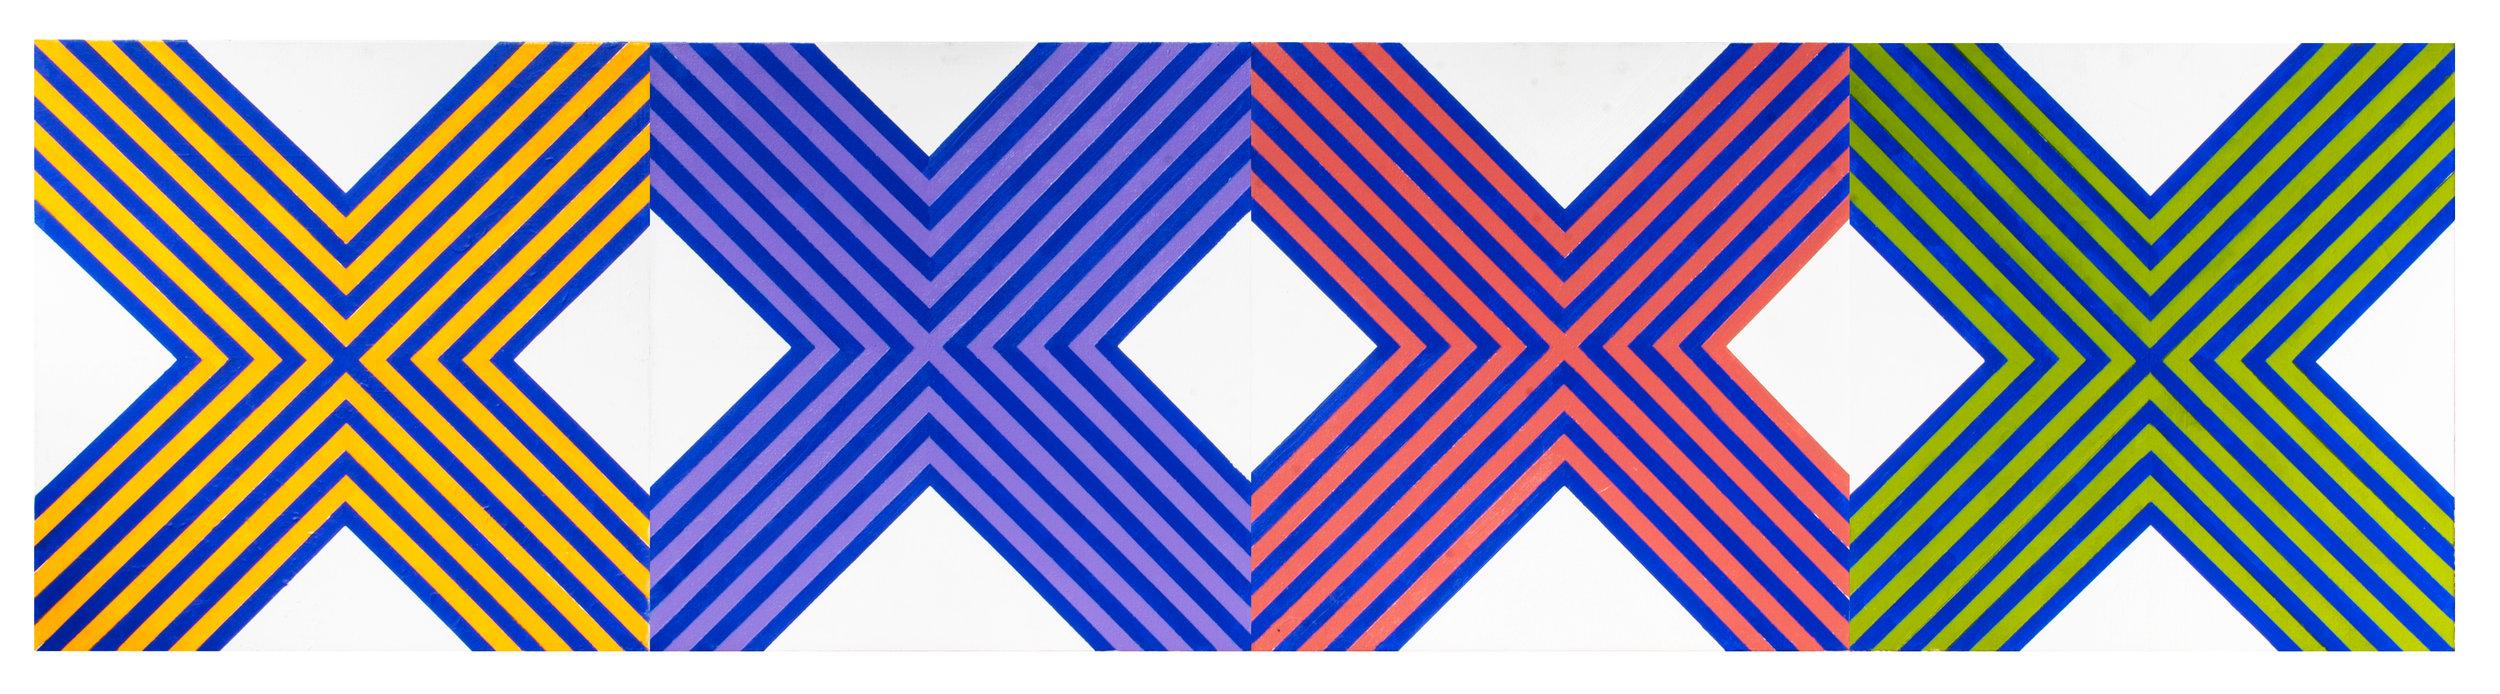 Stripes x 4